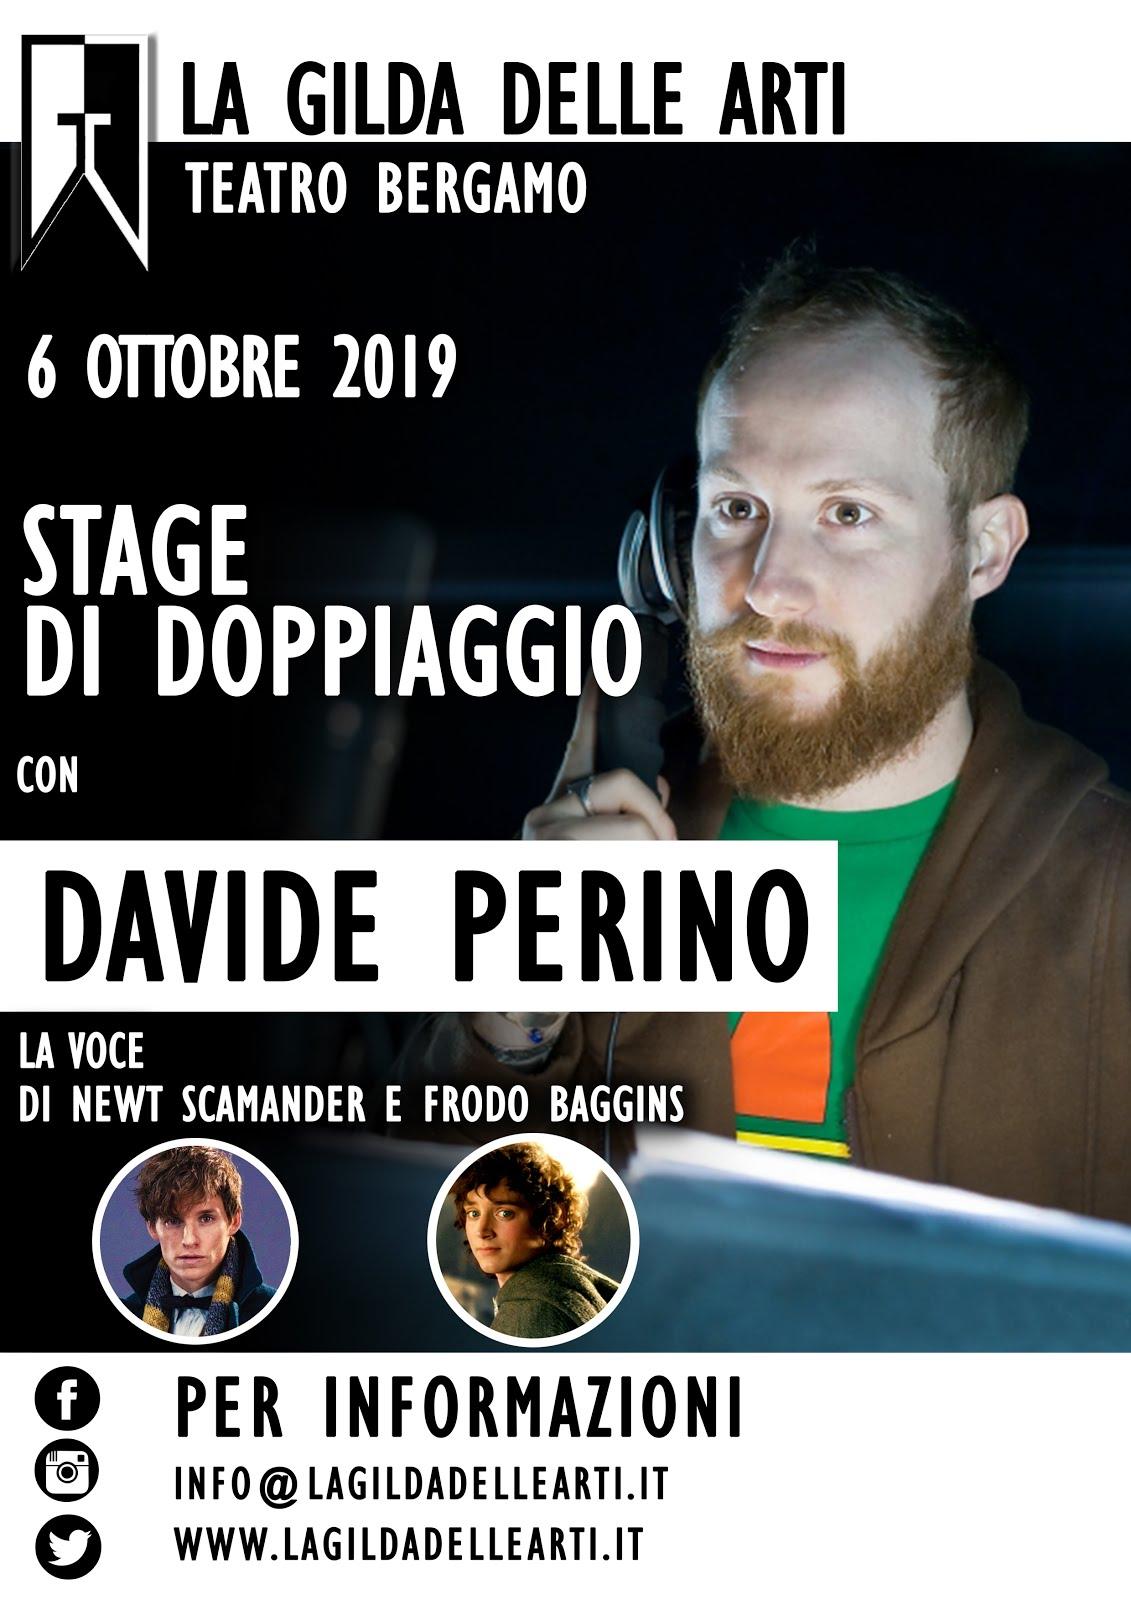 STAGE DI DOPPIAGGIO CON DAVIDE PERINO